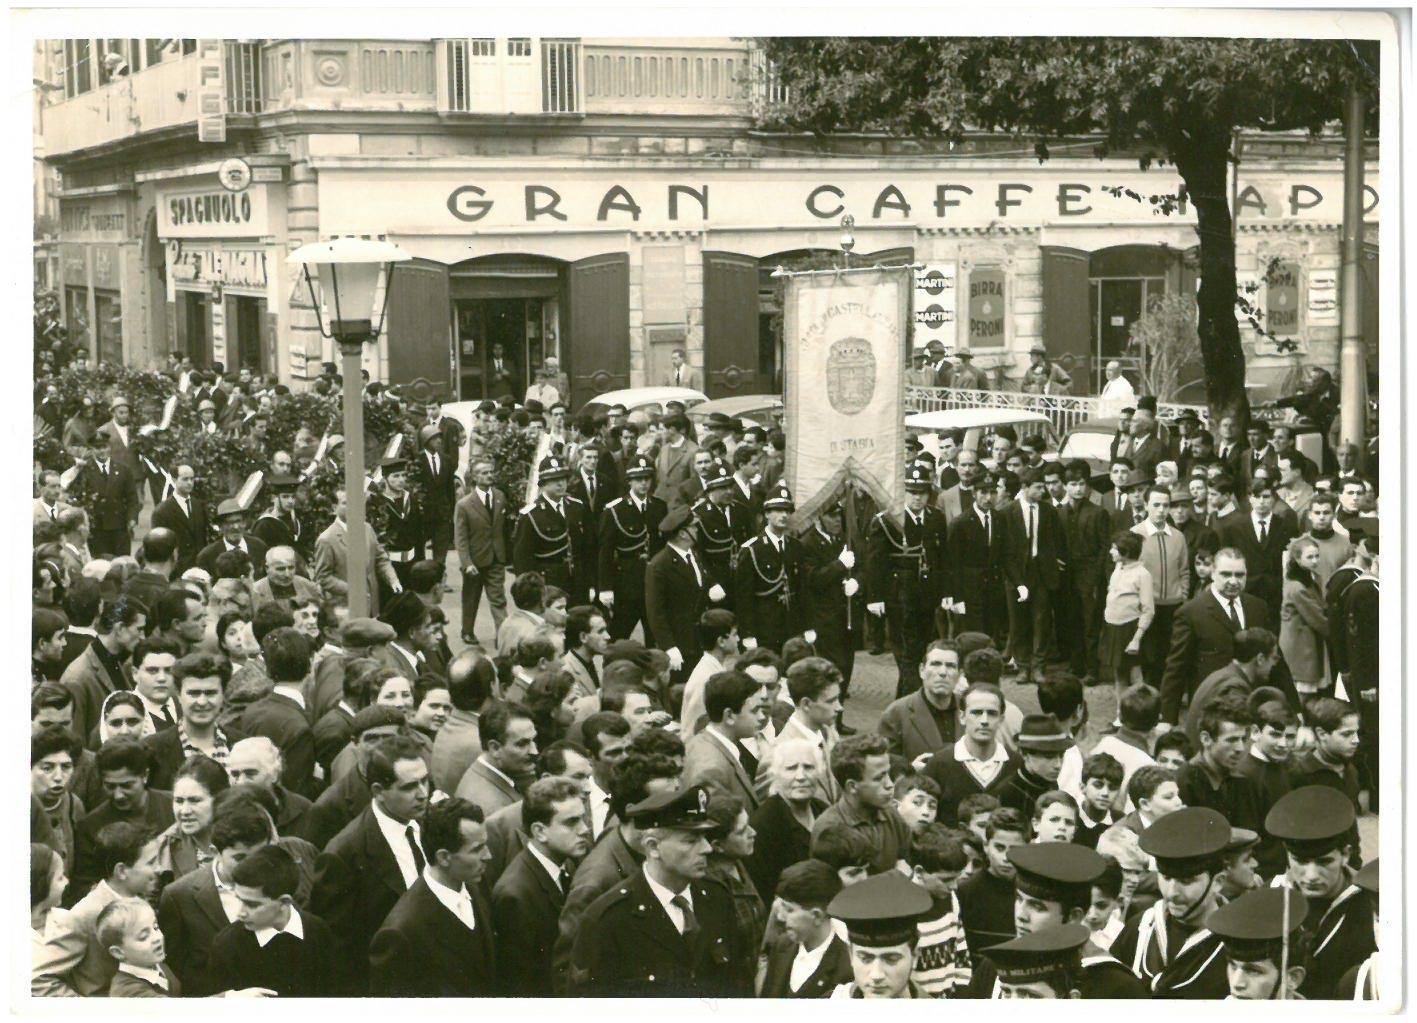 2 novembre 1962 onore ai caduti (foto Luigi Buonocore)